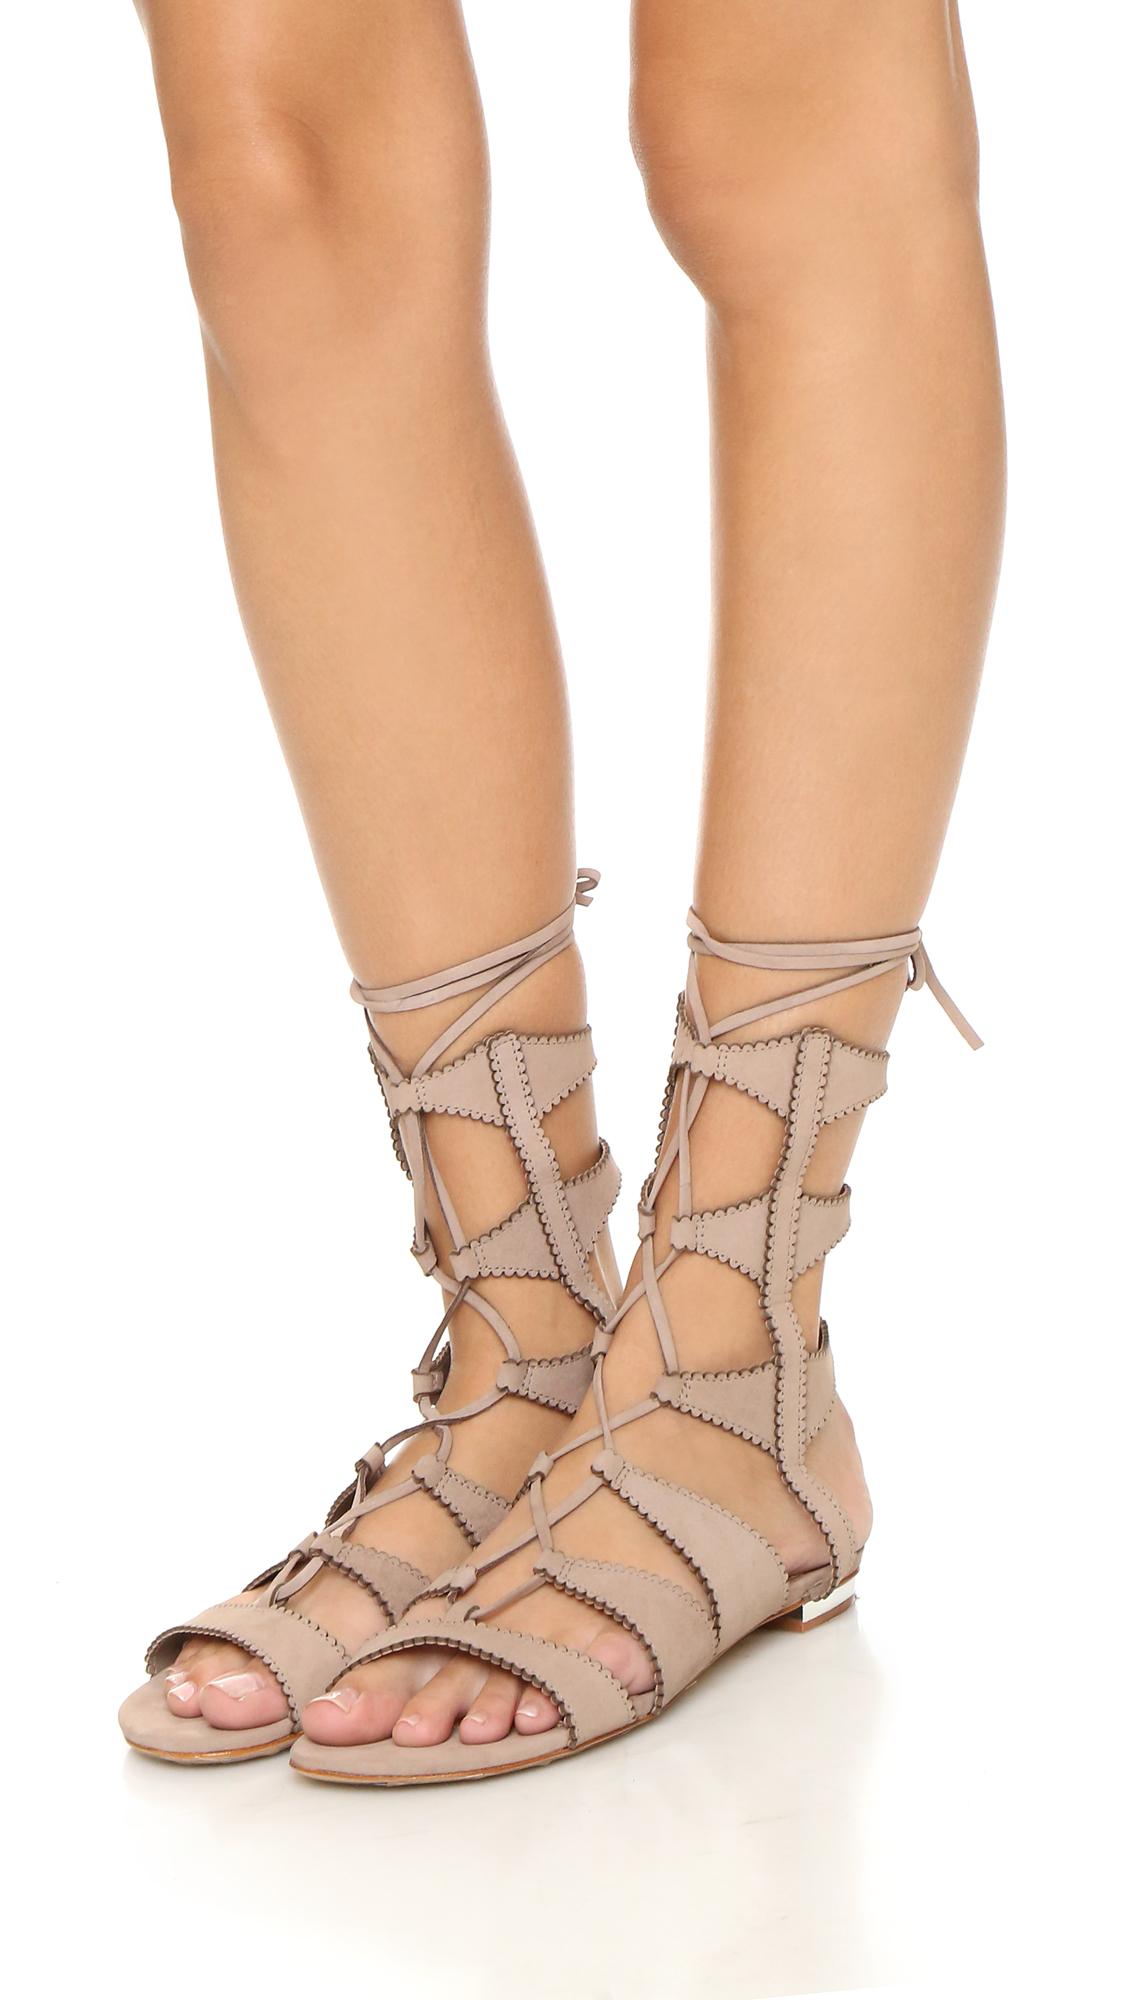 Schutz Gladiator Heels